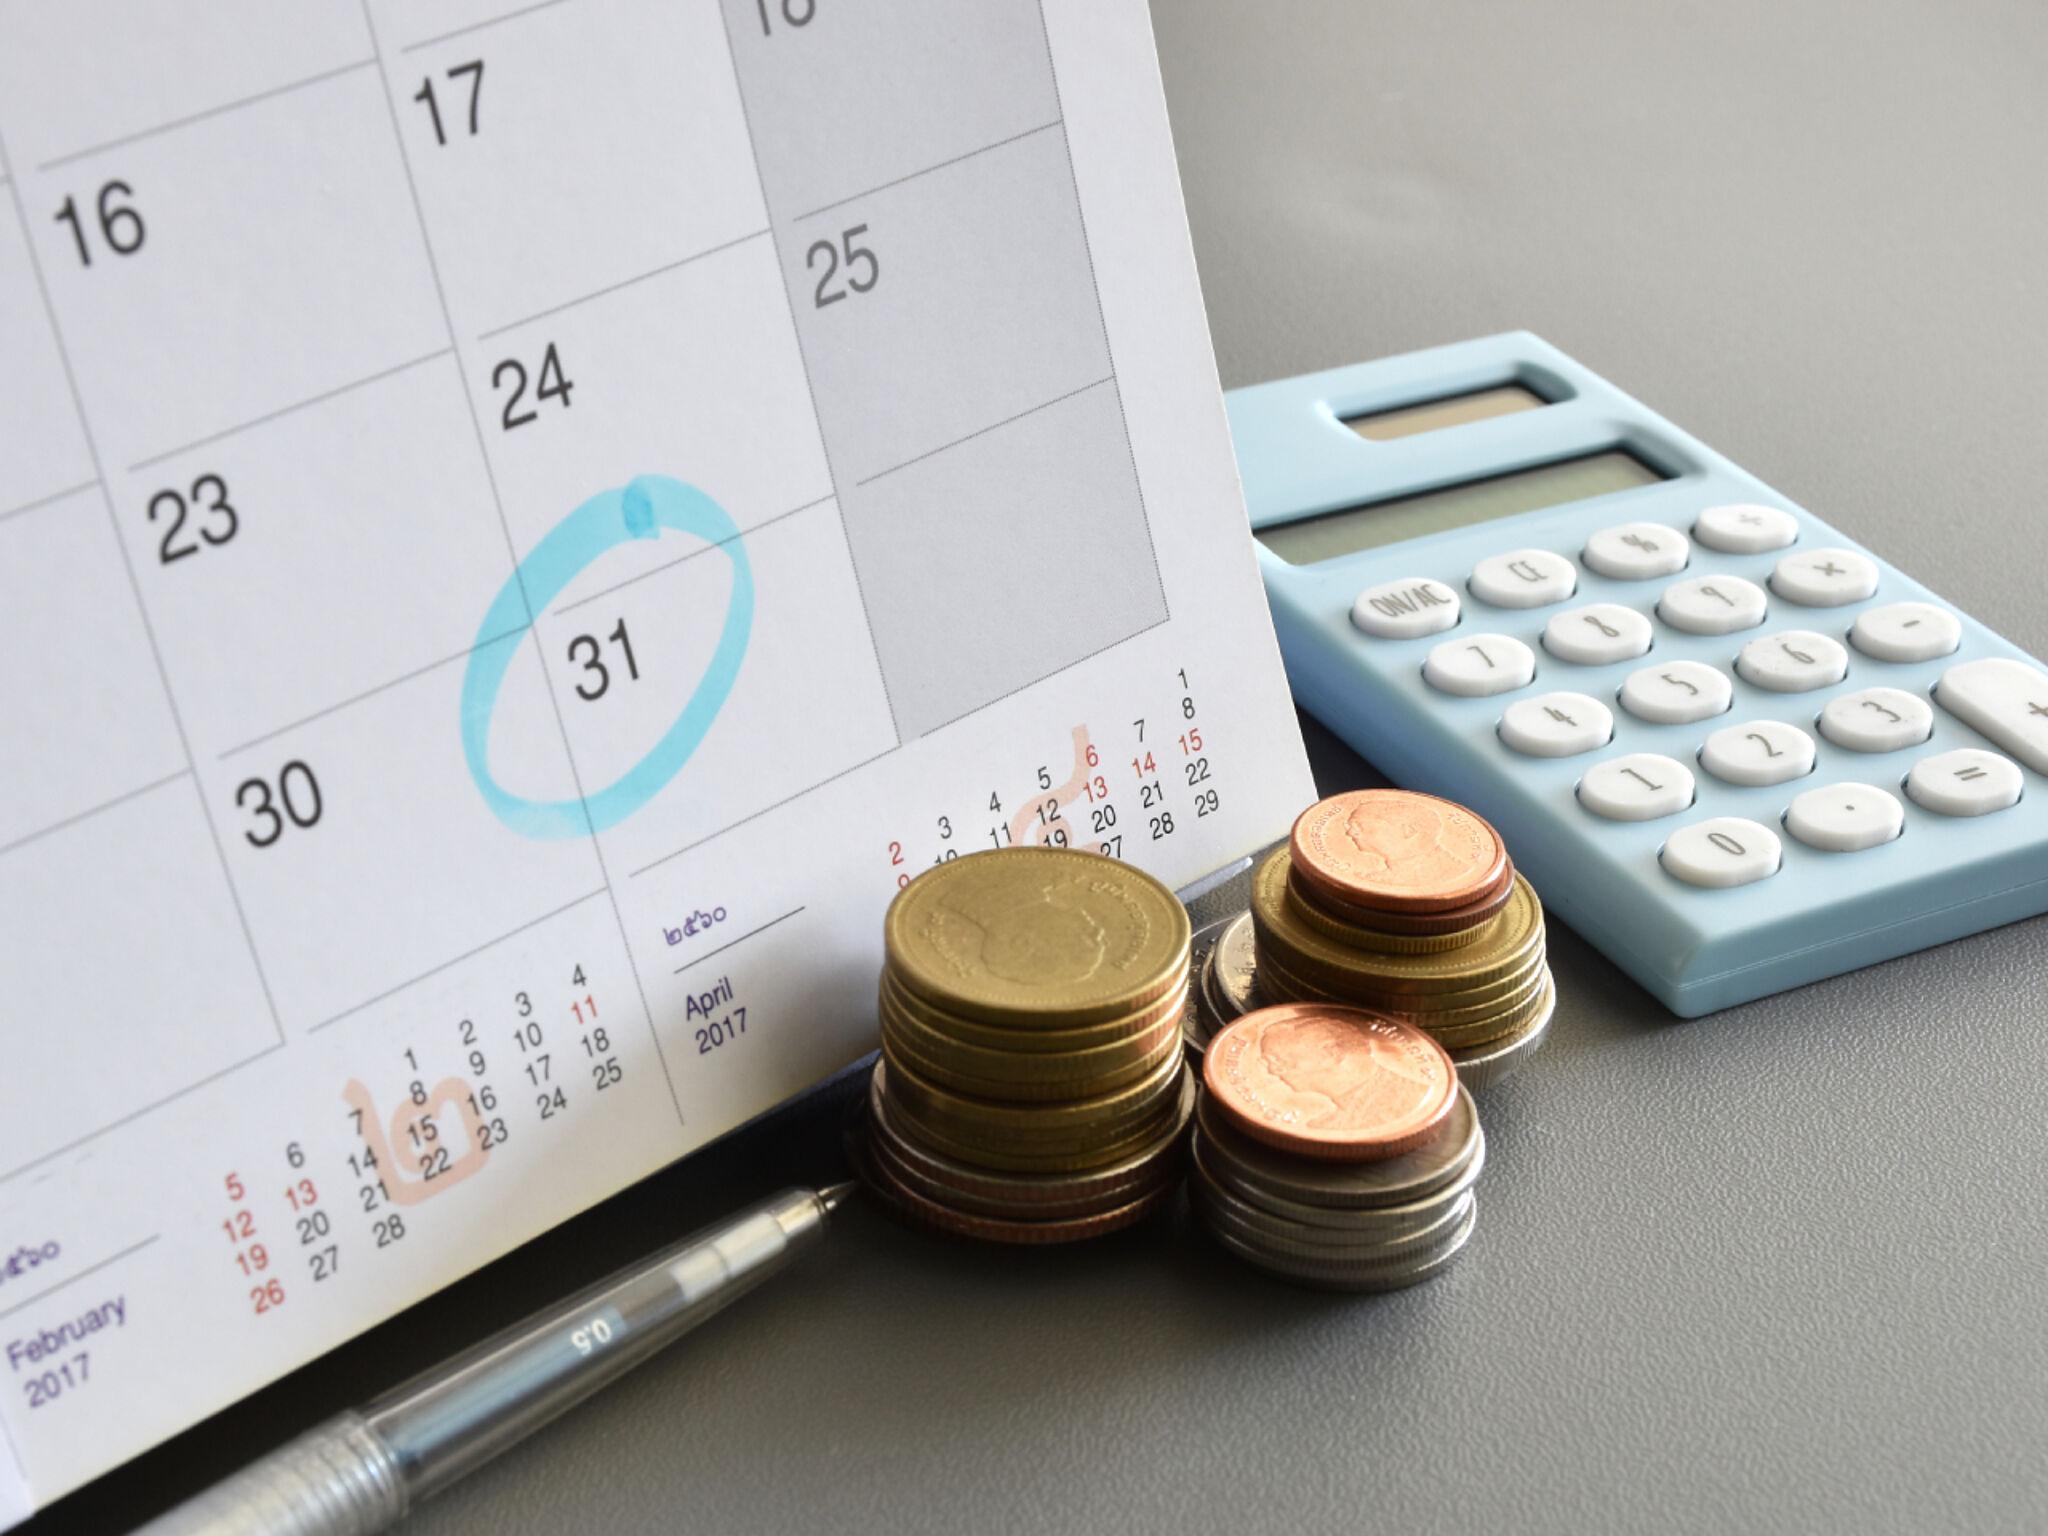 カレンダーお金、計算機の画像